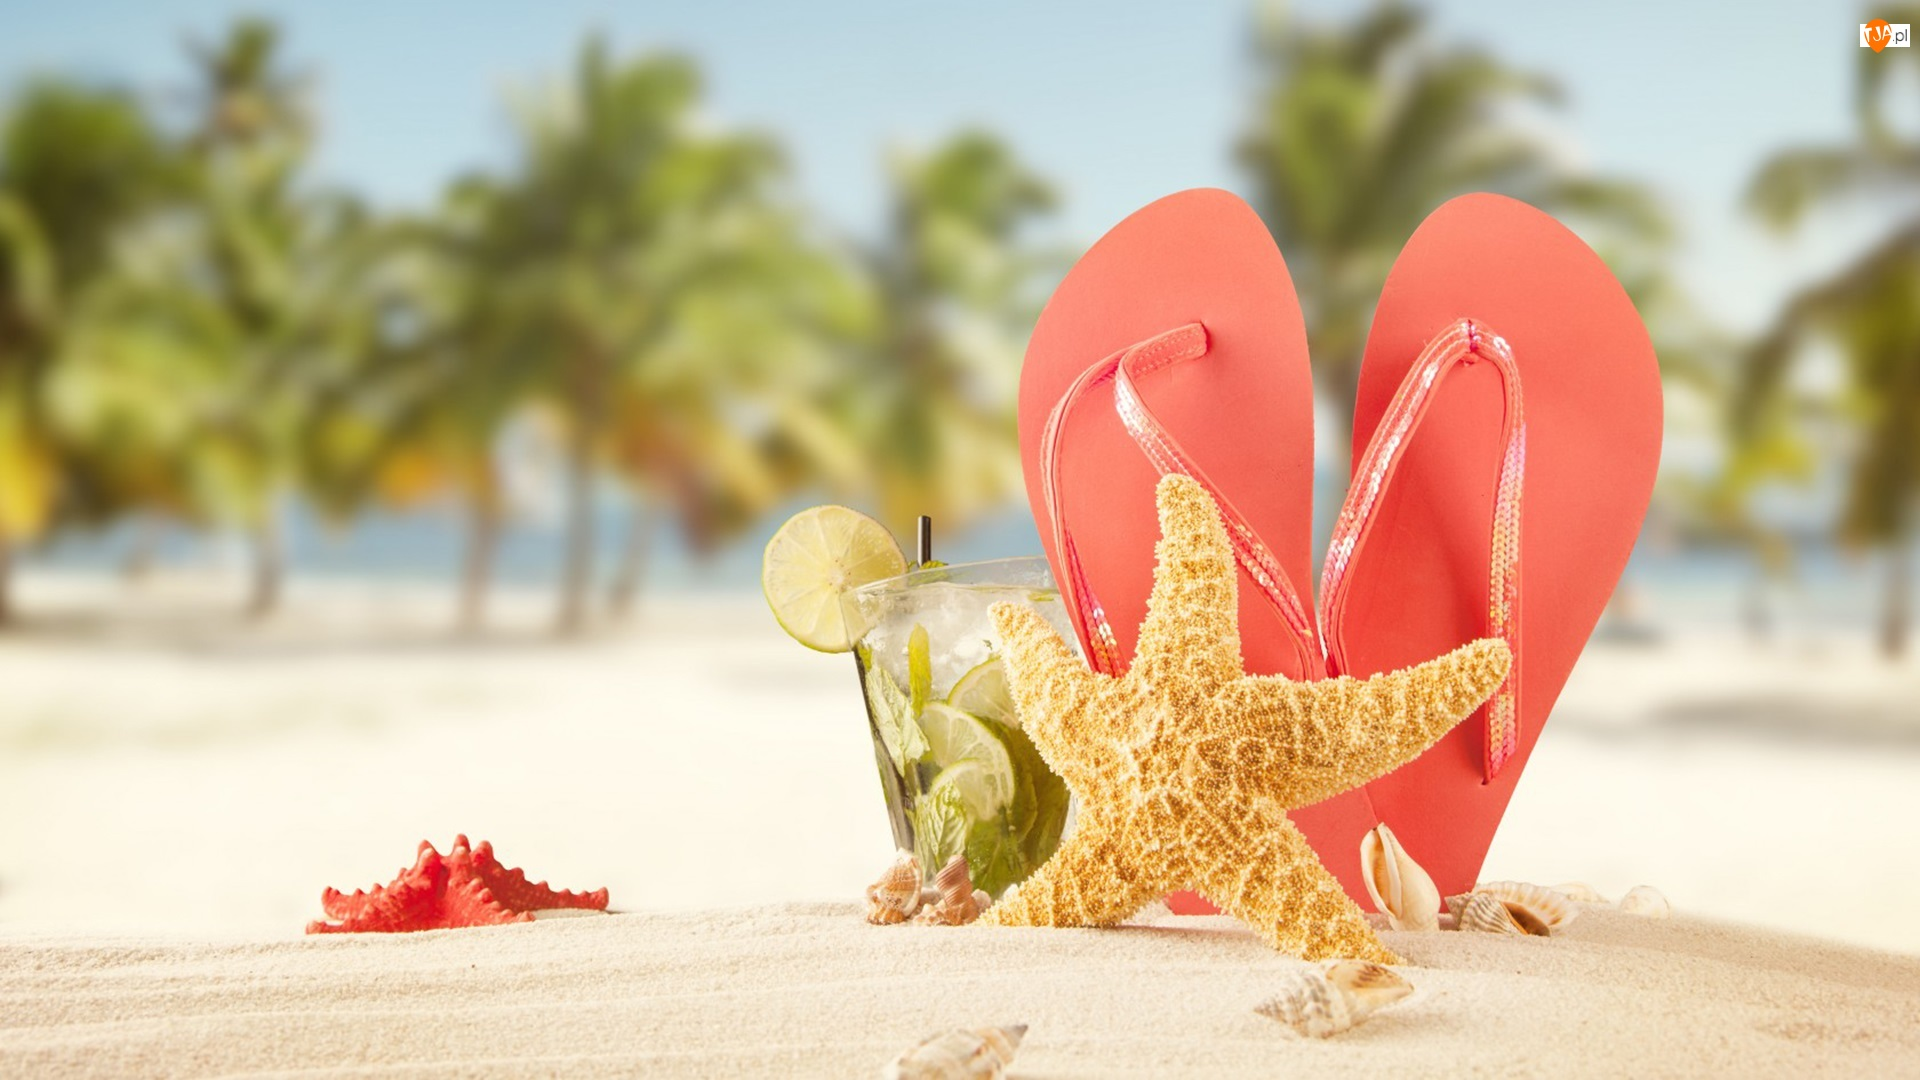 Wakacje, Lato, Japonki, Rozgwiazda, Plaża, Drink